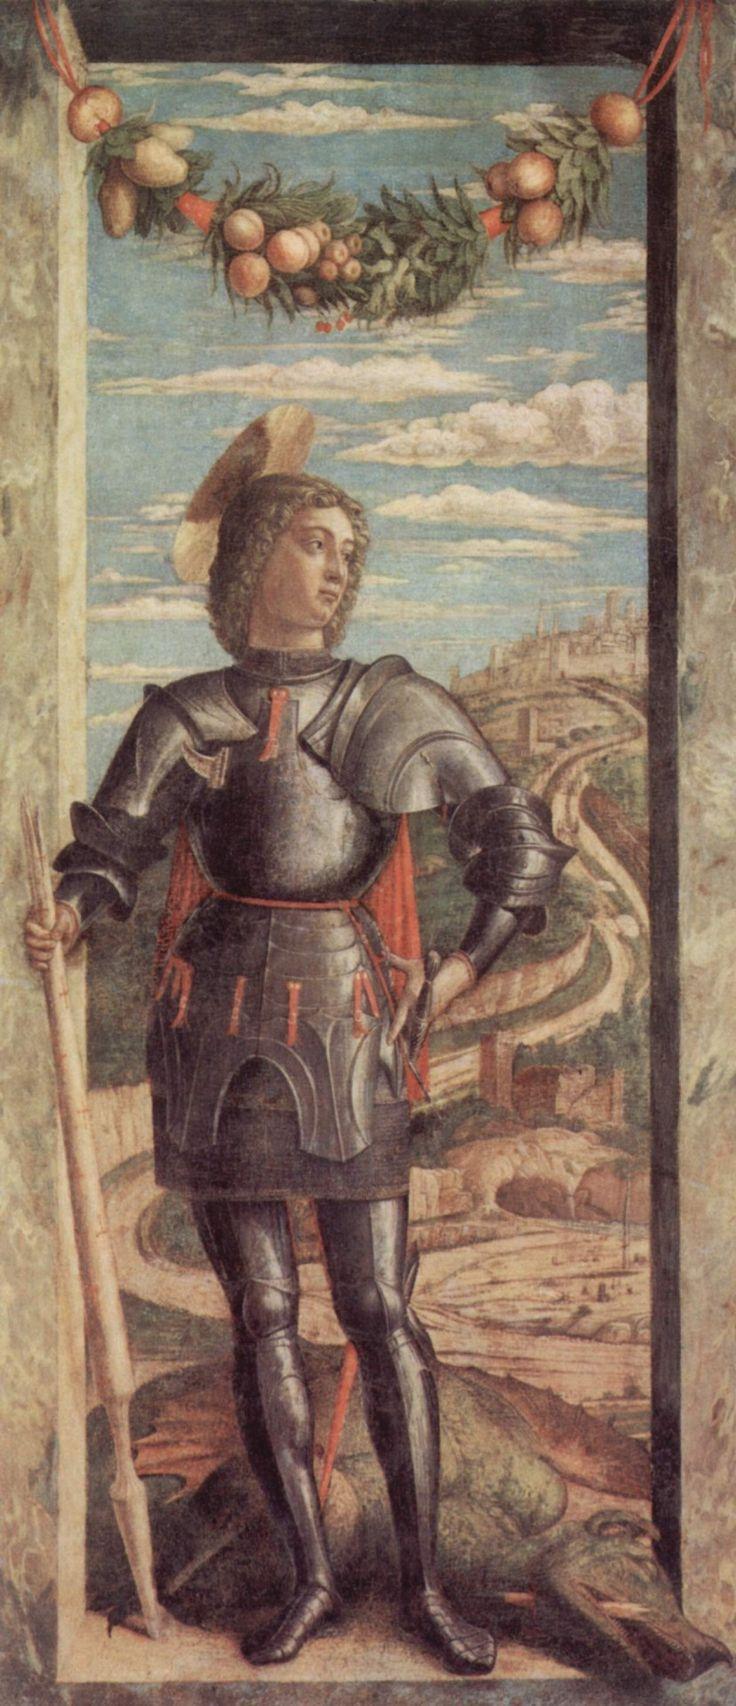 Andrea Mantegna.  Hl. Georg. Um 1467, Tempera auf Leinwand, 66 × 32 cm. Venedig, Gallerie dell'Accademia. Wahrscheinlich linker Flügel eines Altares. Italien. Renaissance.  KO 03230